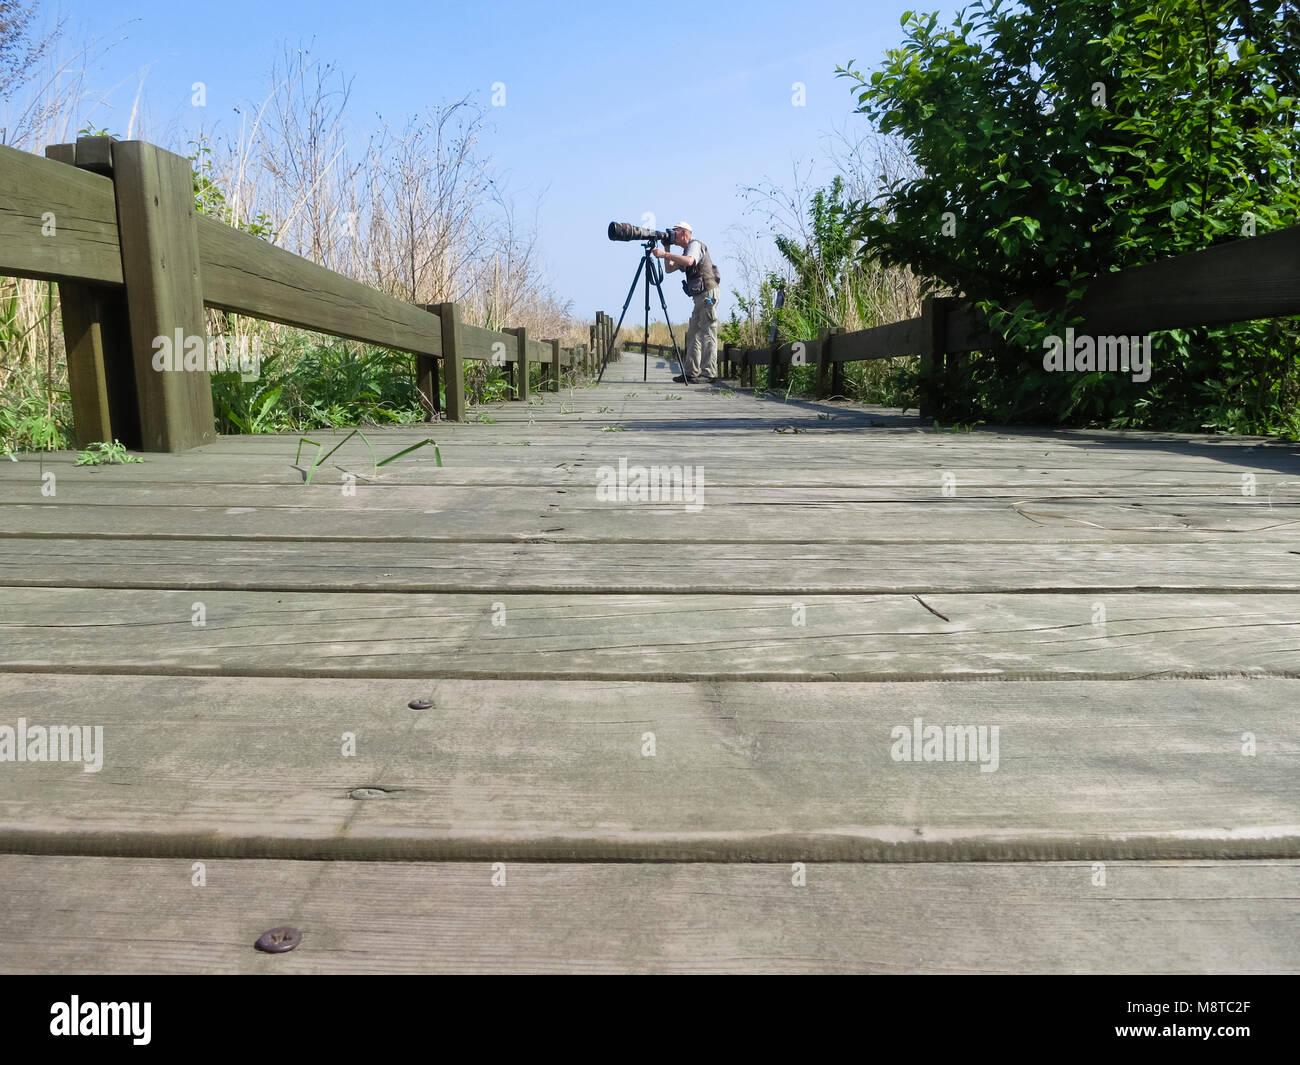 Mannelijke fotograaf met telelens staand op houten wandelpad; Male photographer with zoom lens standing on boardwalk Stock Photo